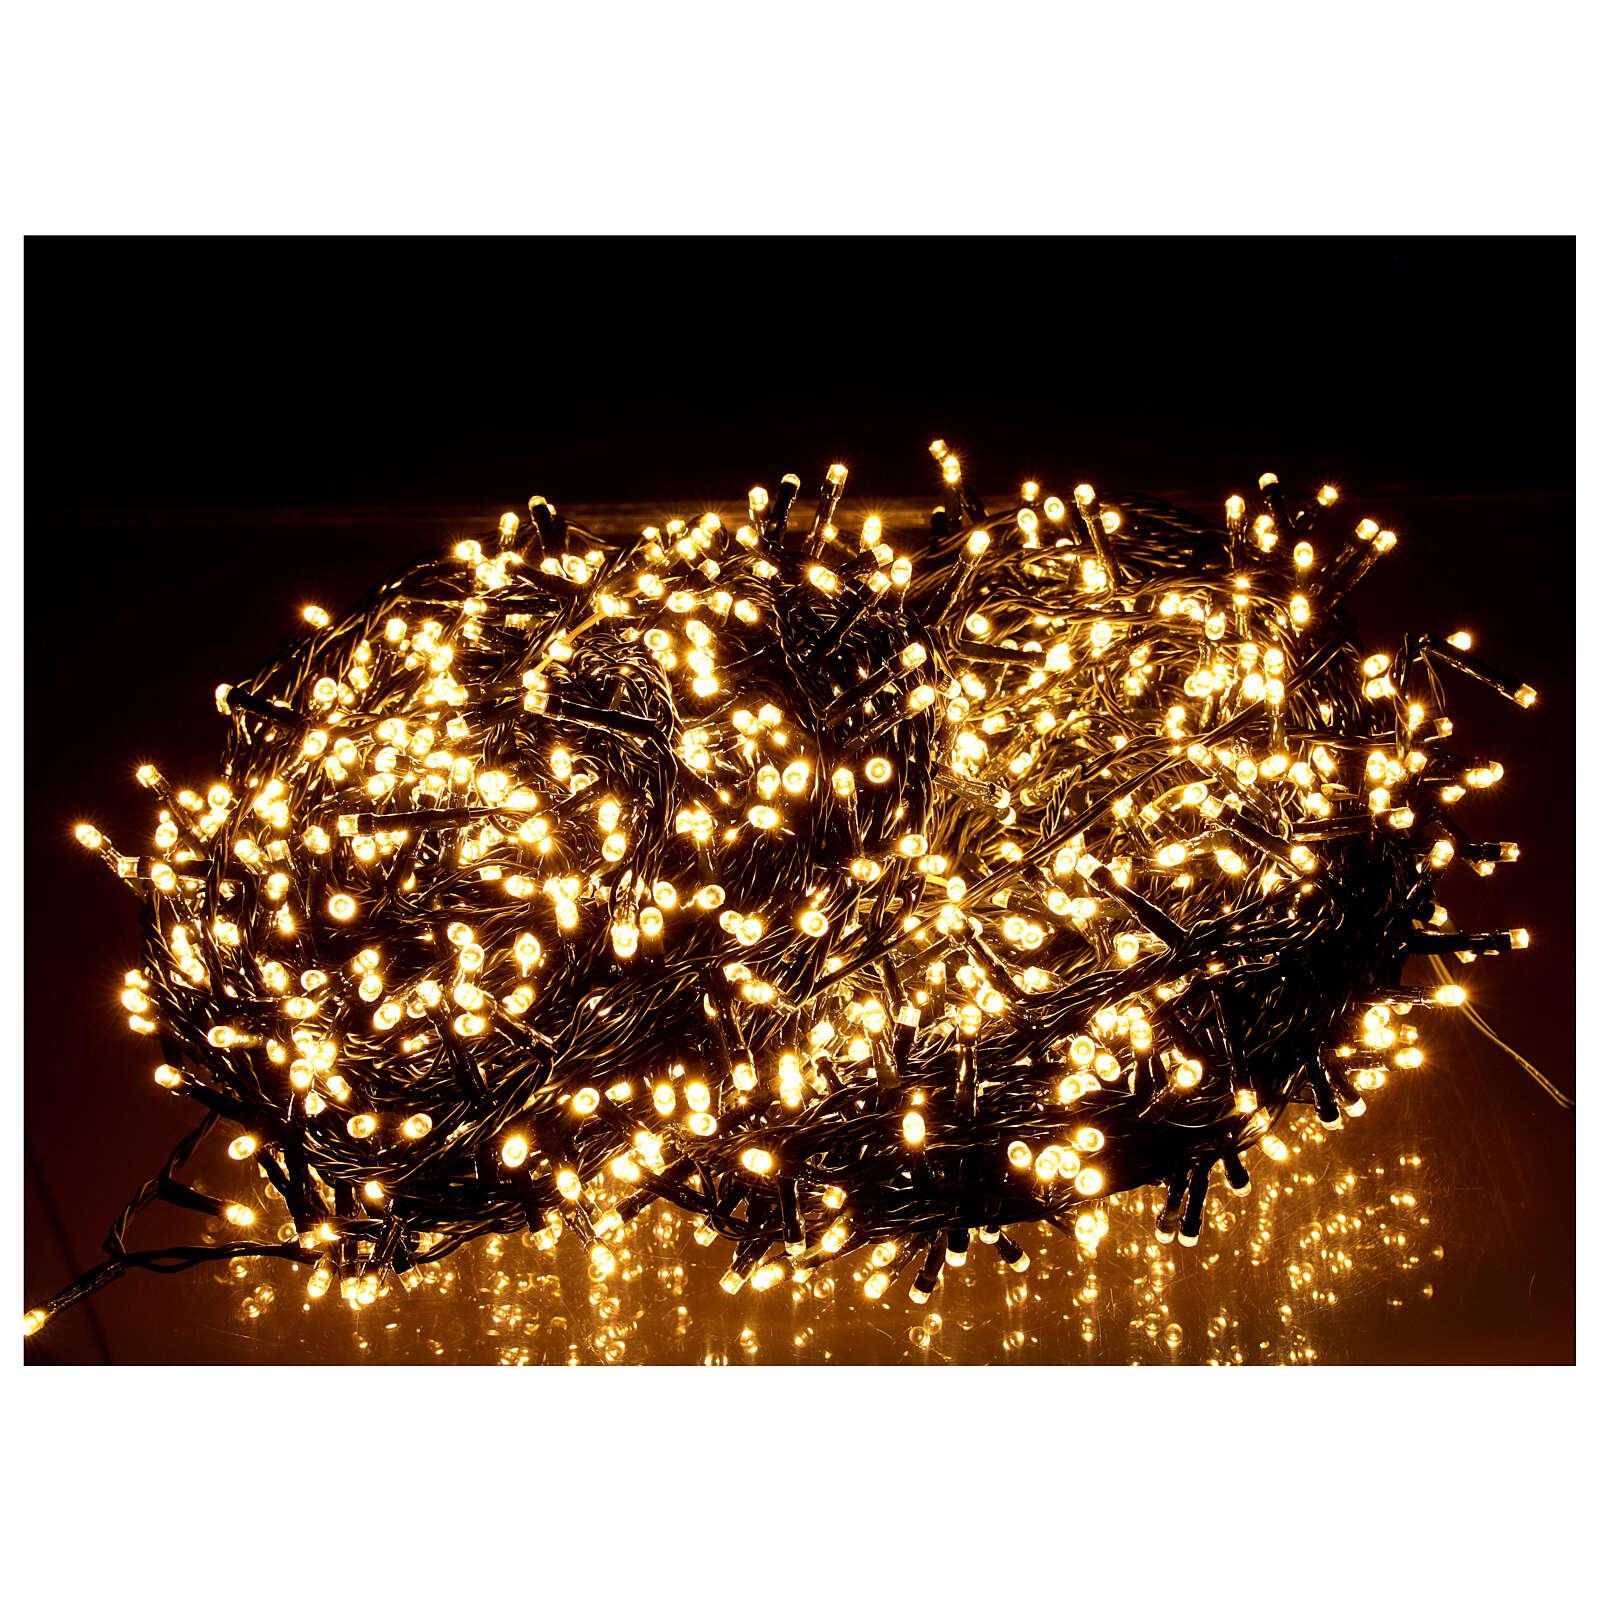 Guirlande 1500 LED blanc chaud extérieur 220V 3